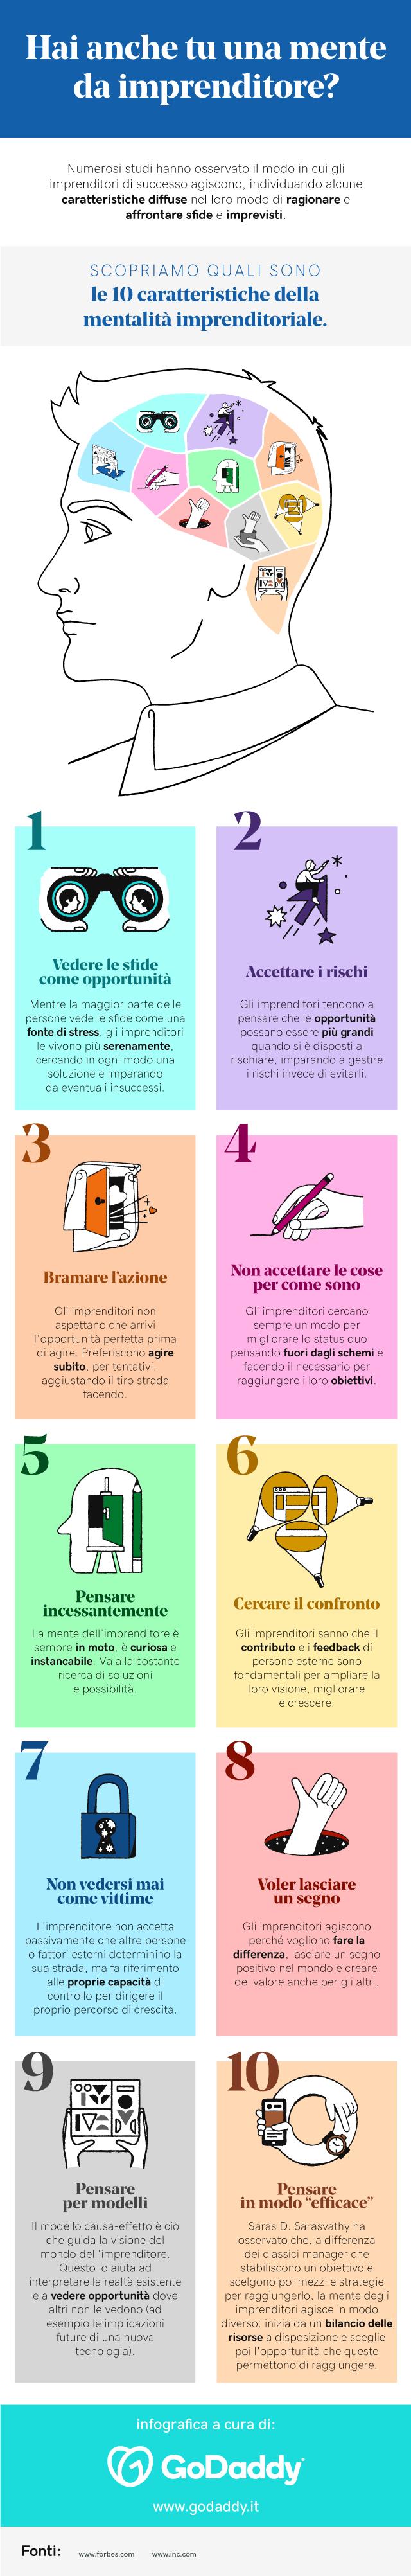 10 caratteristiche della mentalità imprenditoriale: infografica GoDaddy